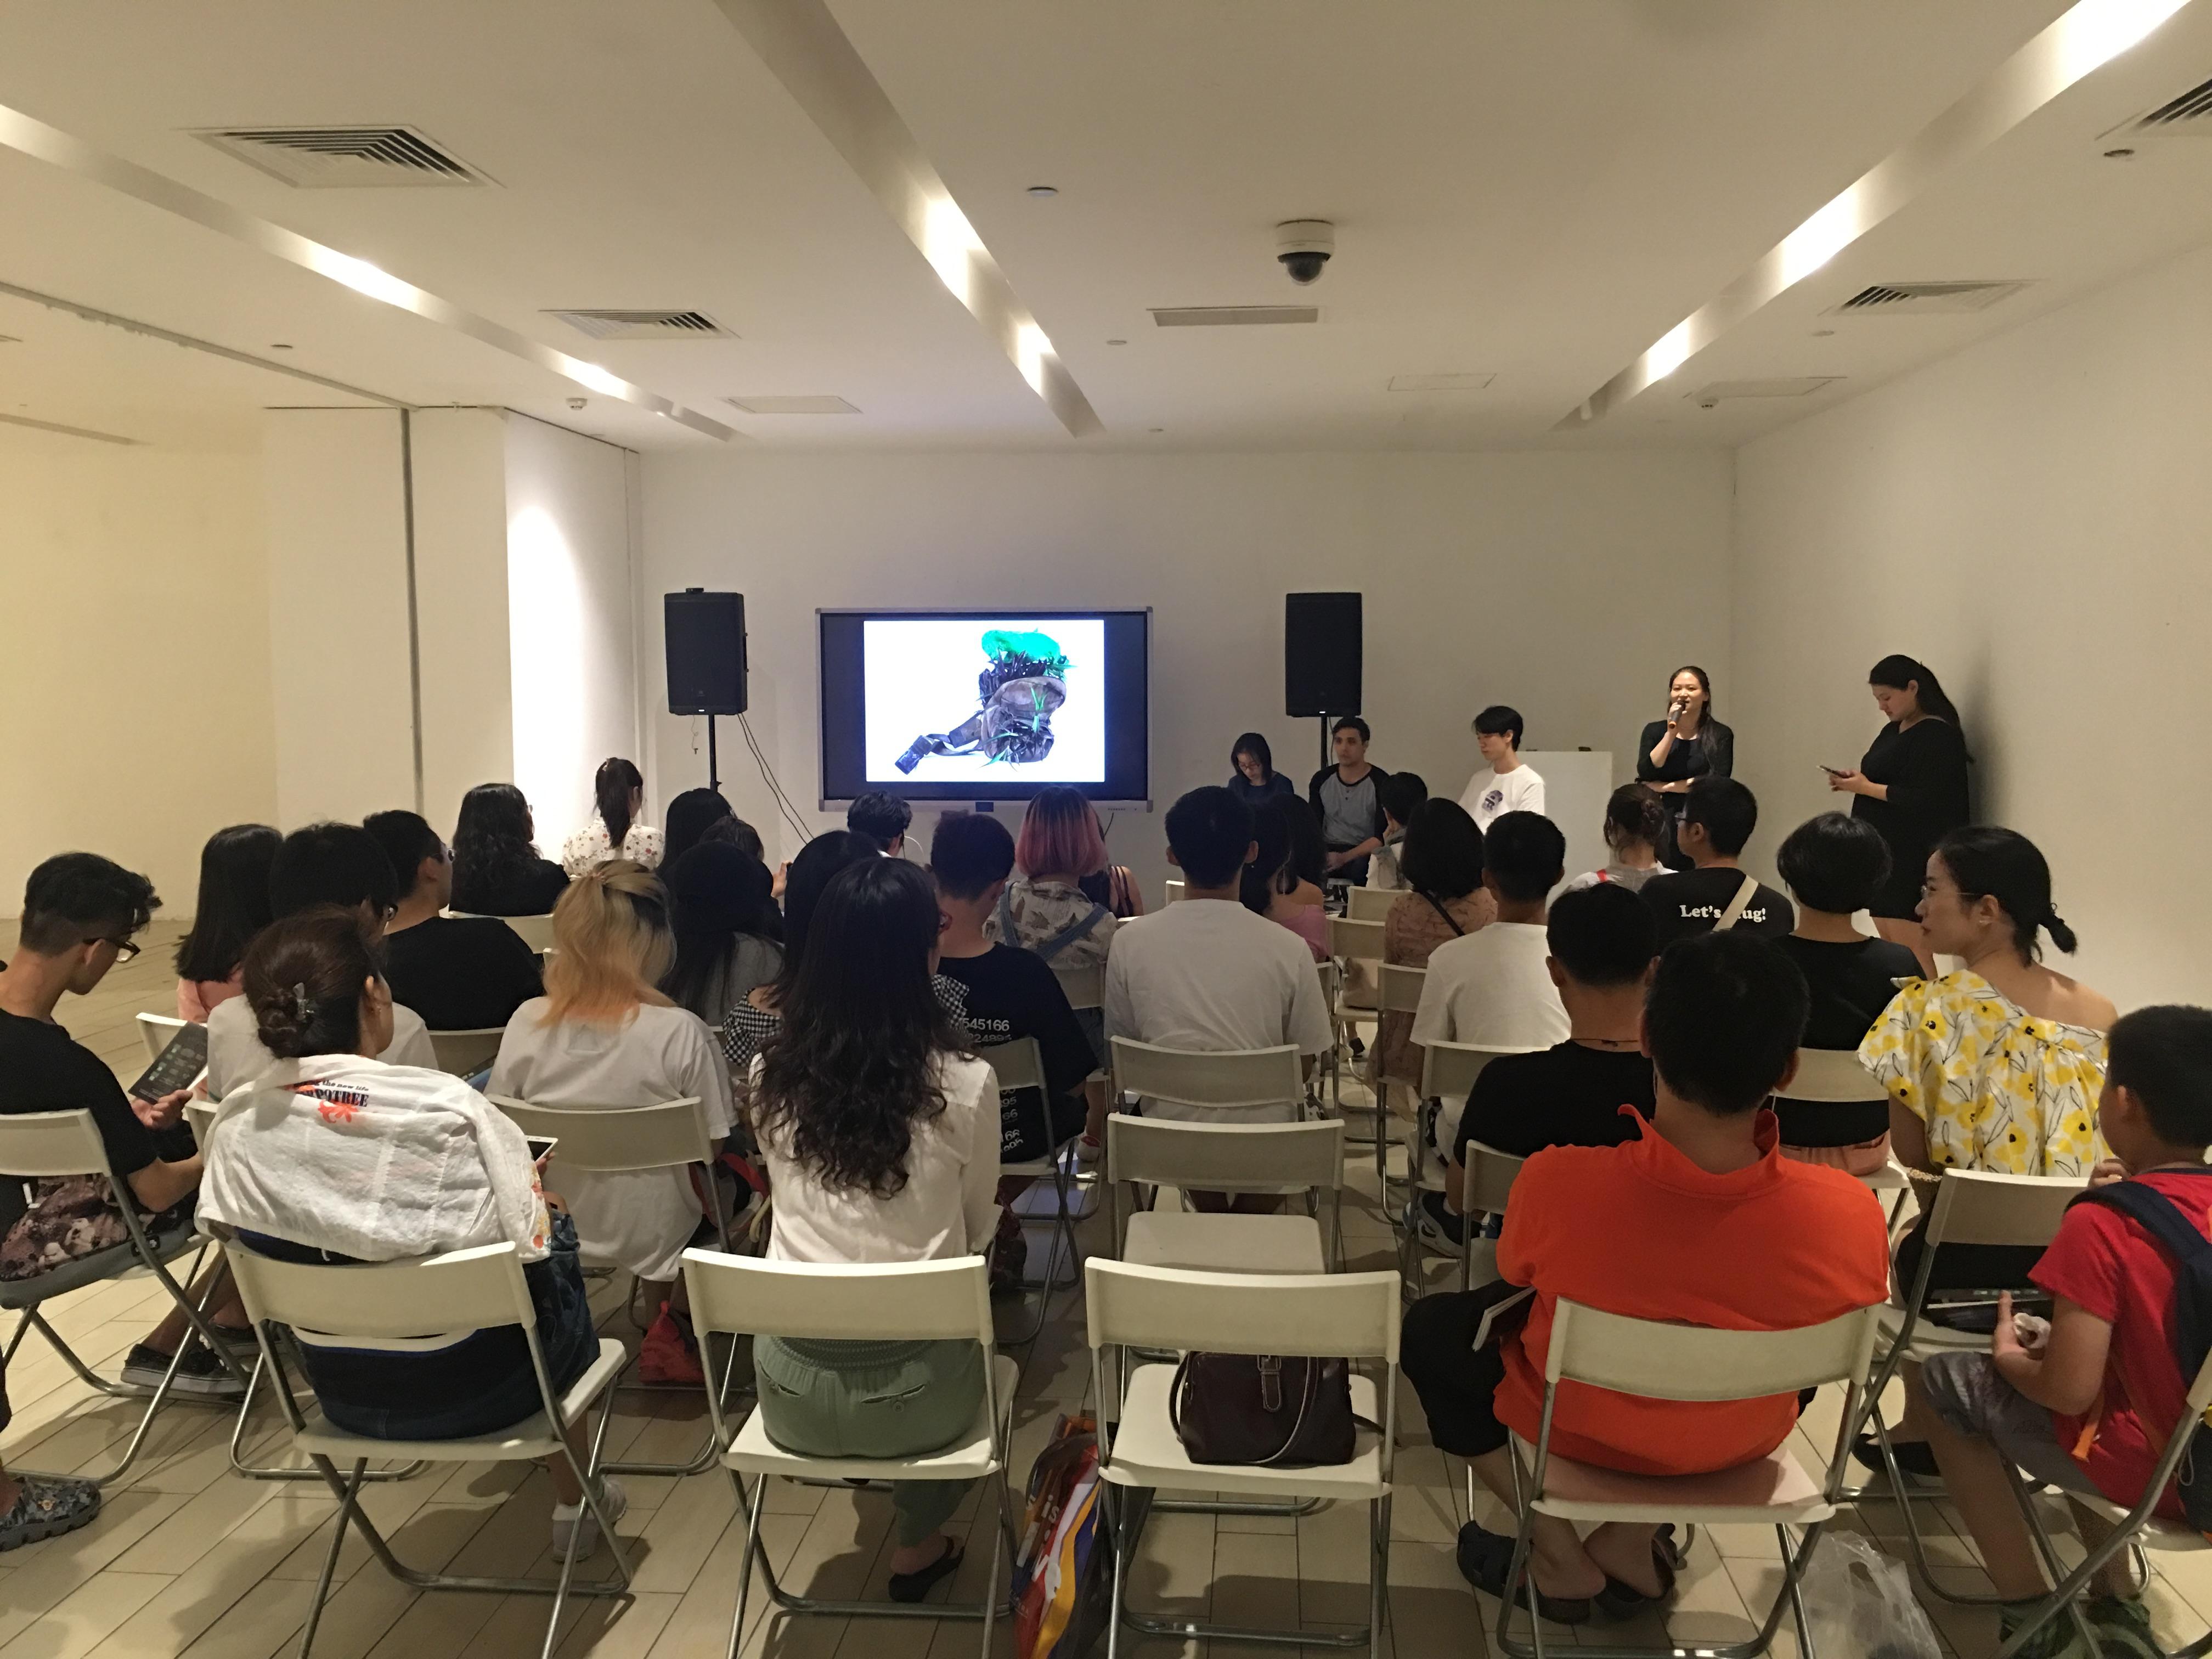 陸浩明在chi K11 美術館主講公共藝術講座